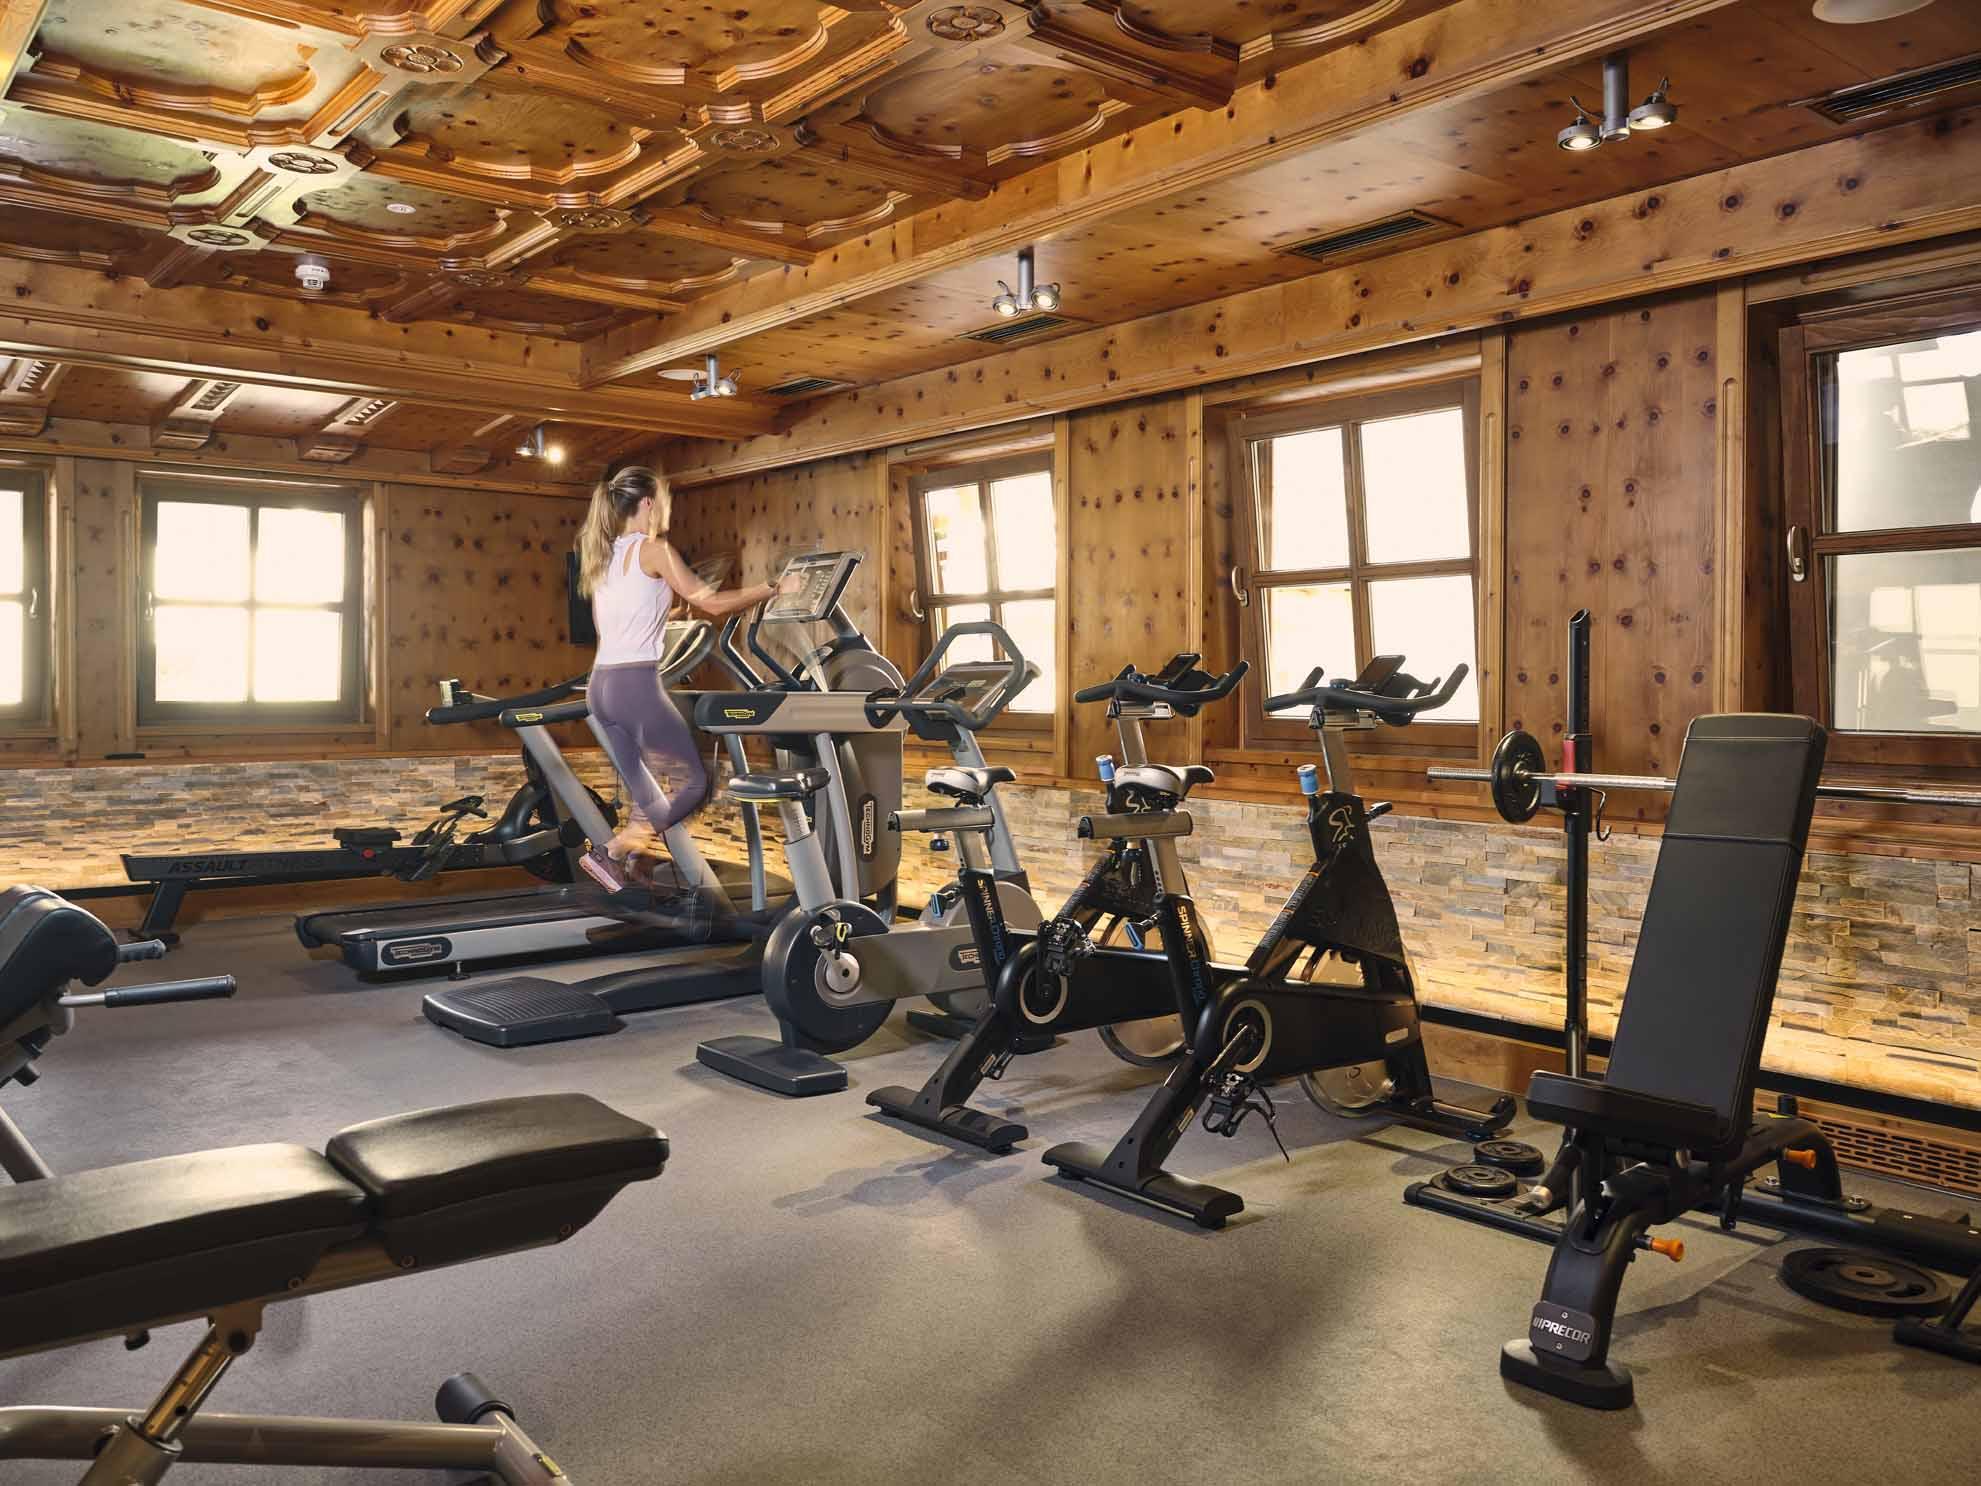 Eine Person trainiert im Fitnessraum